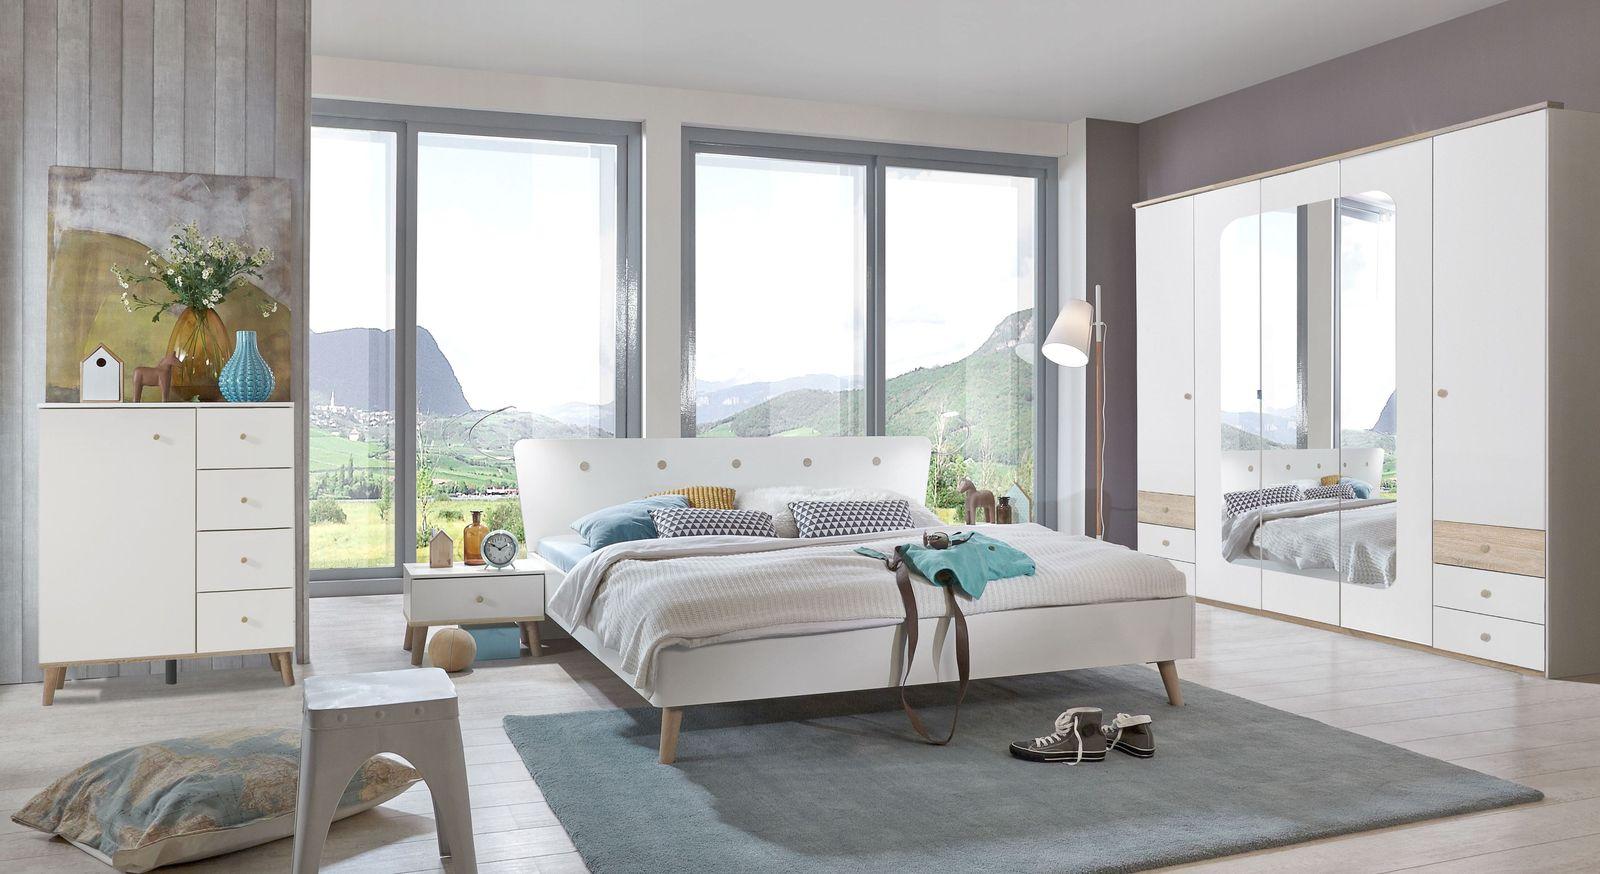 Schlafzimmer Komplett Gunstig Im Angesagten Retrodesign Corvara